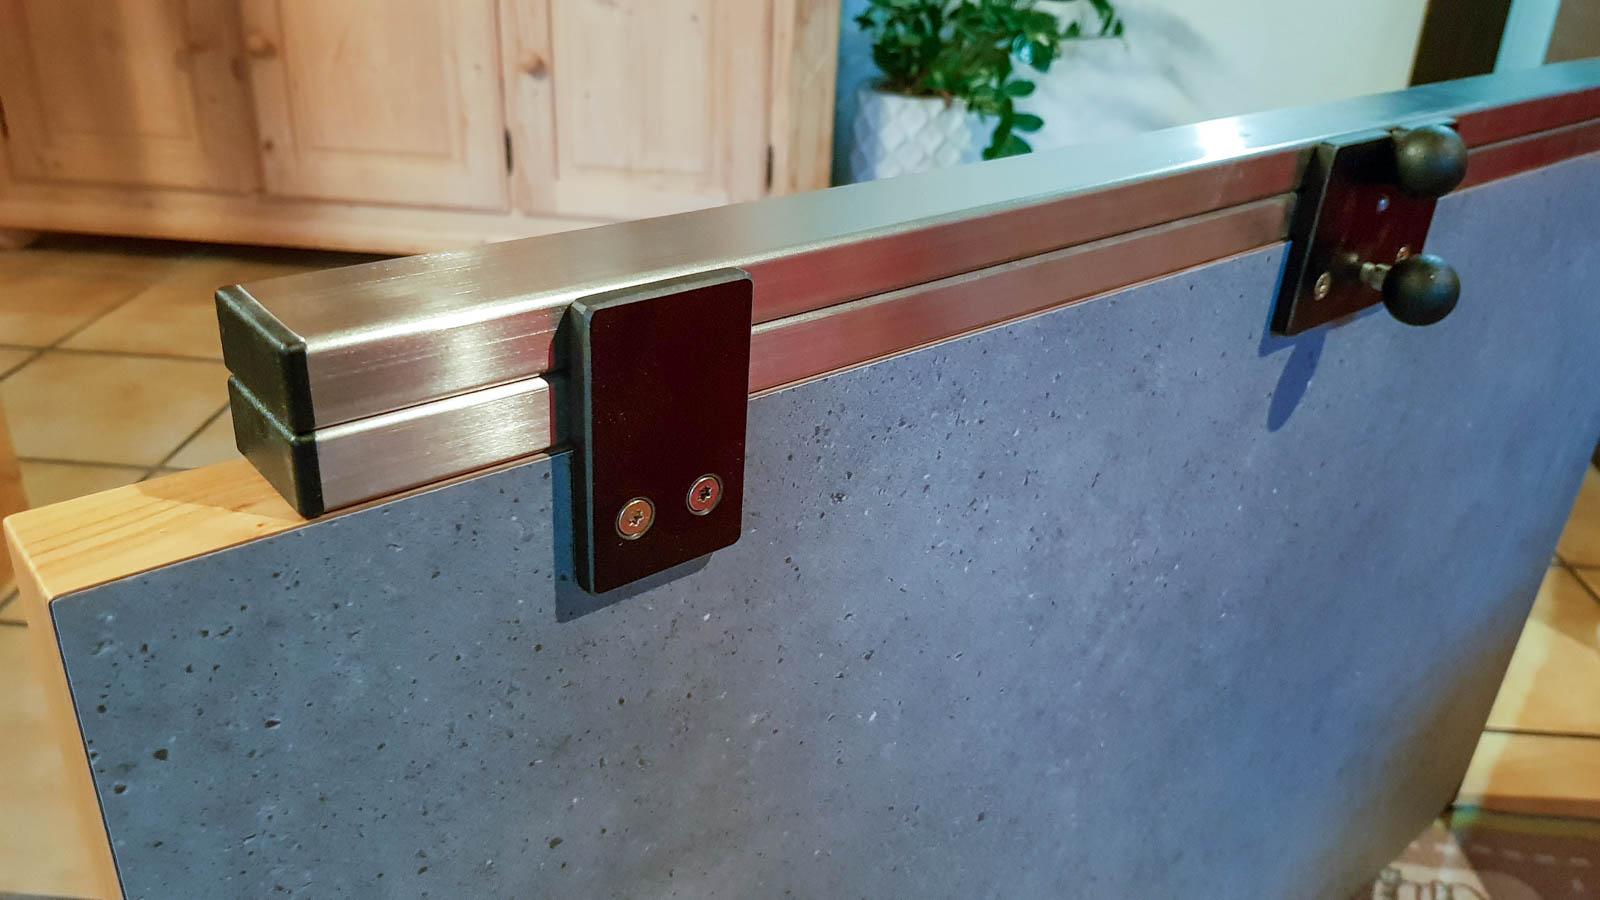 Wooddesign_Tisch_ Tischverlängerung_Kirschbaum_Beine aussen1 (3)